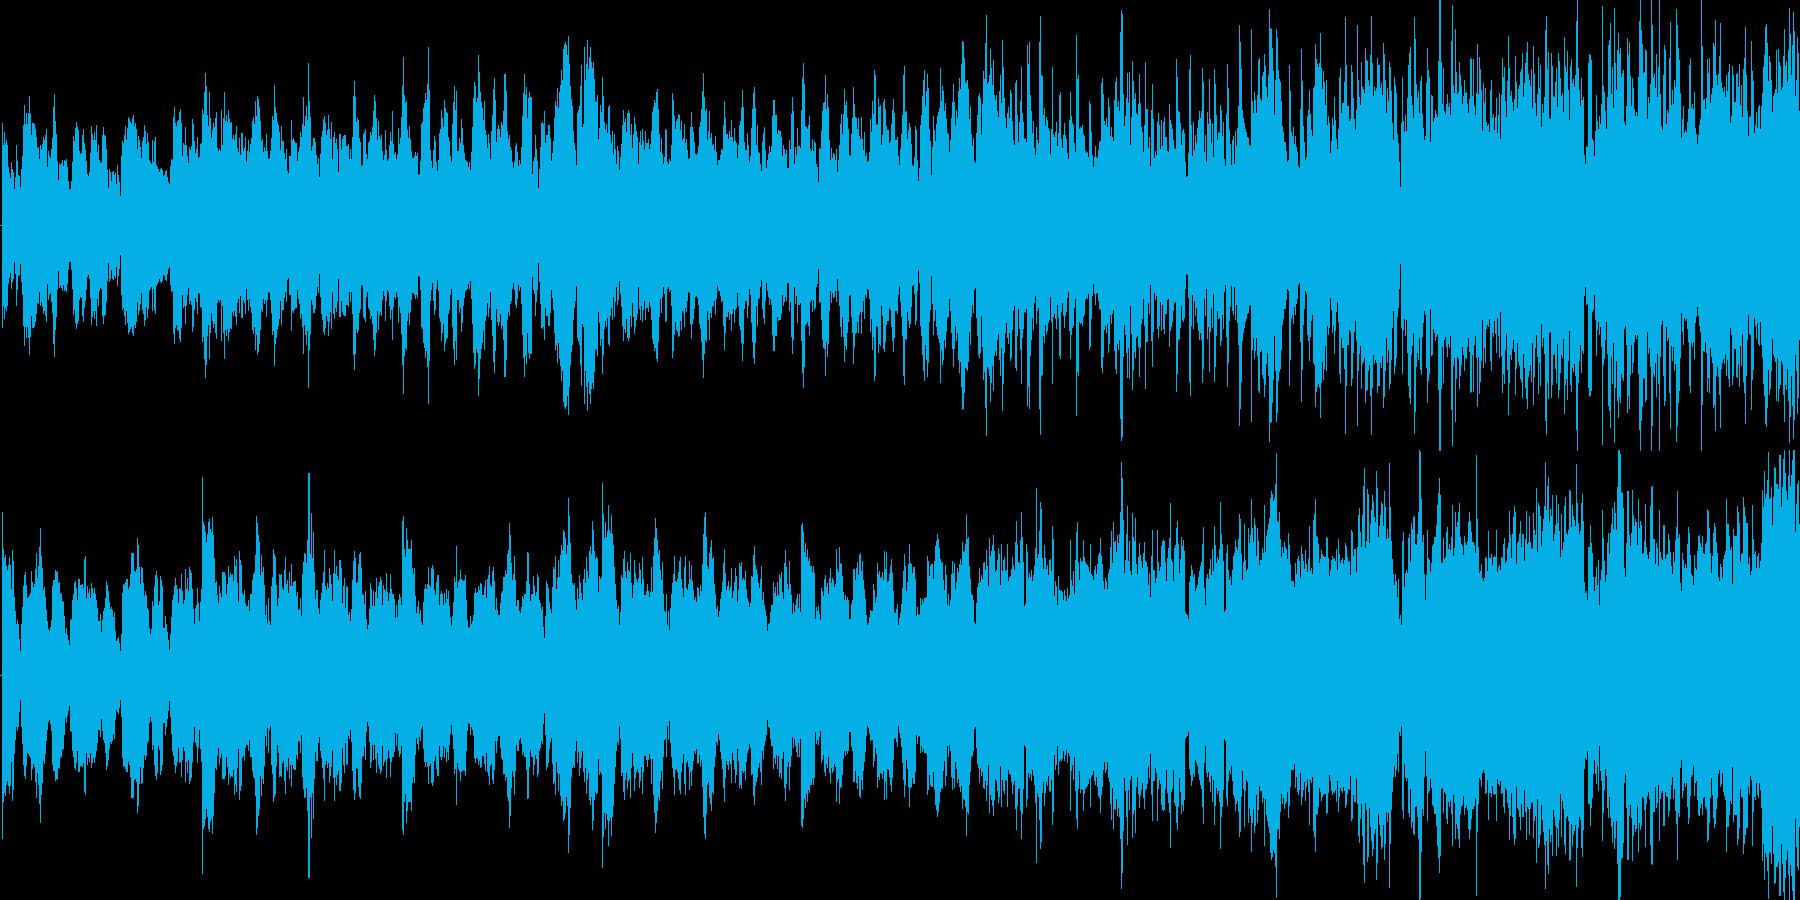 ファンタジーRPGのフィールド画面を想…の再生済みの波形